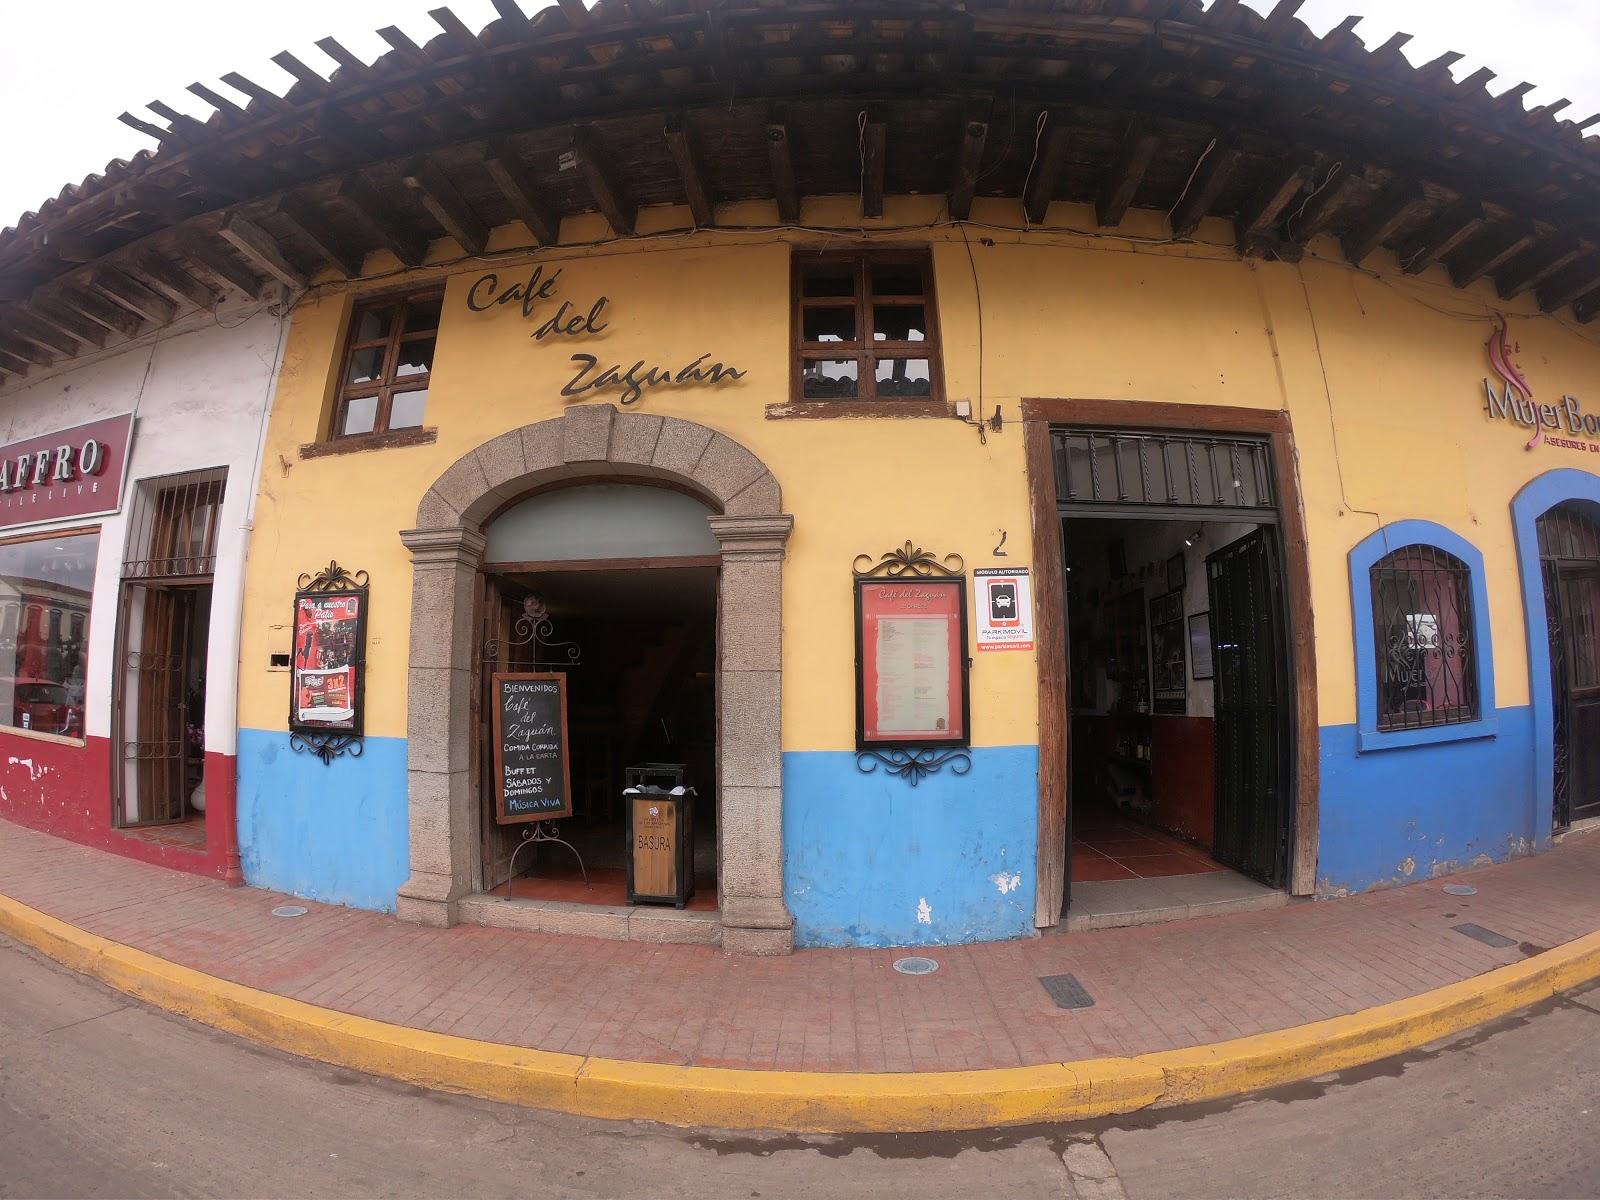 Los 5 mejores platillos del Café del Zaguán